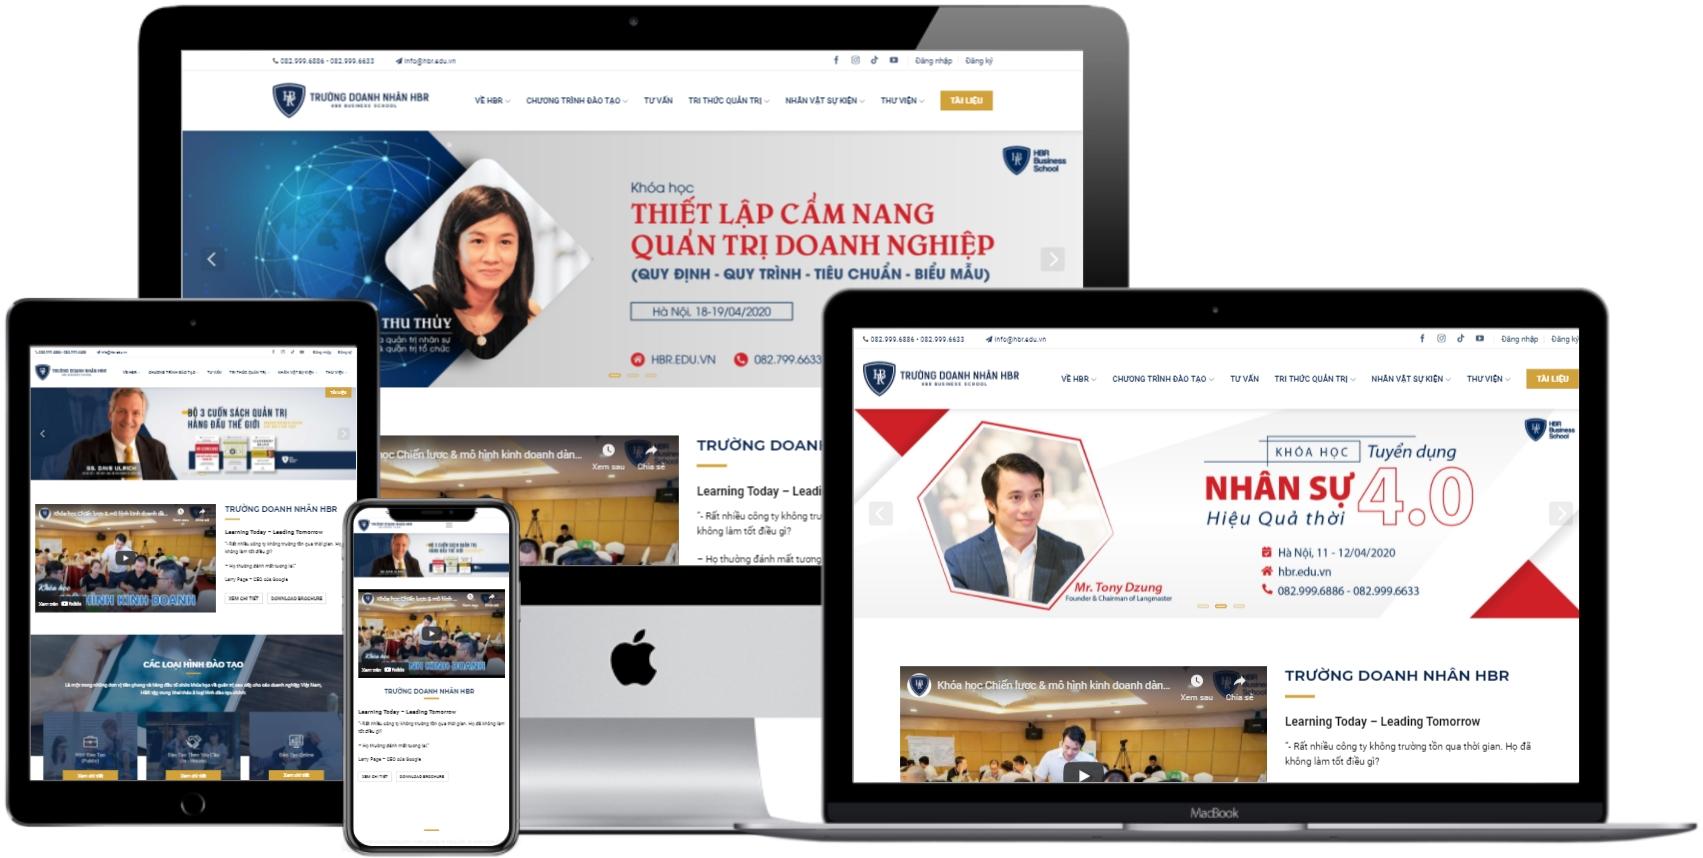 Mẫu website đẹp giáo dục – Trường doanh nhân